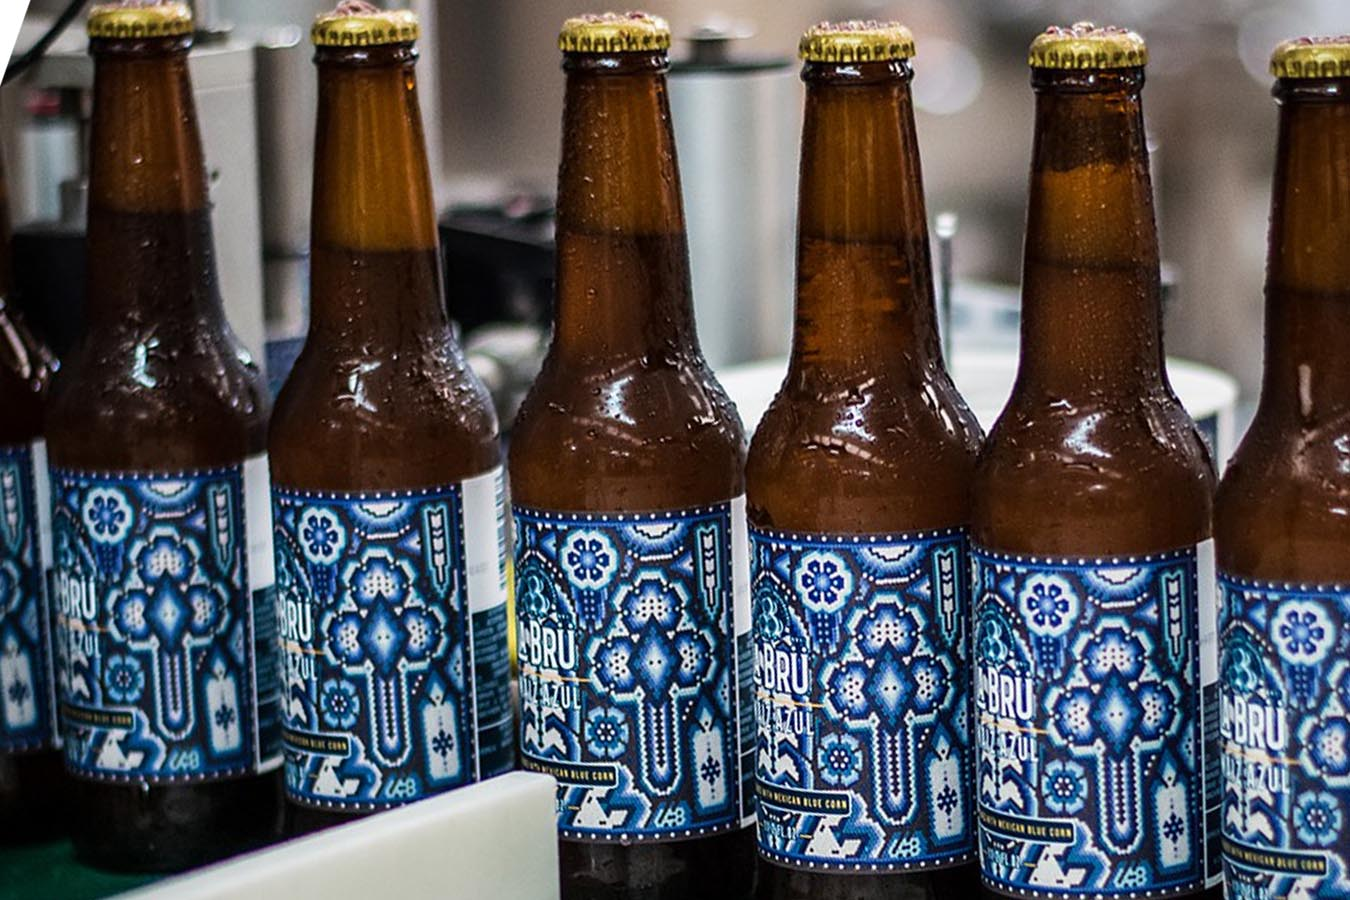 cerveza de maiz azul la bru cerveza de maiz marcas cerveza de maiz mexico